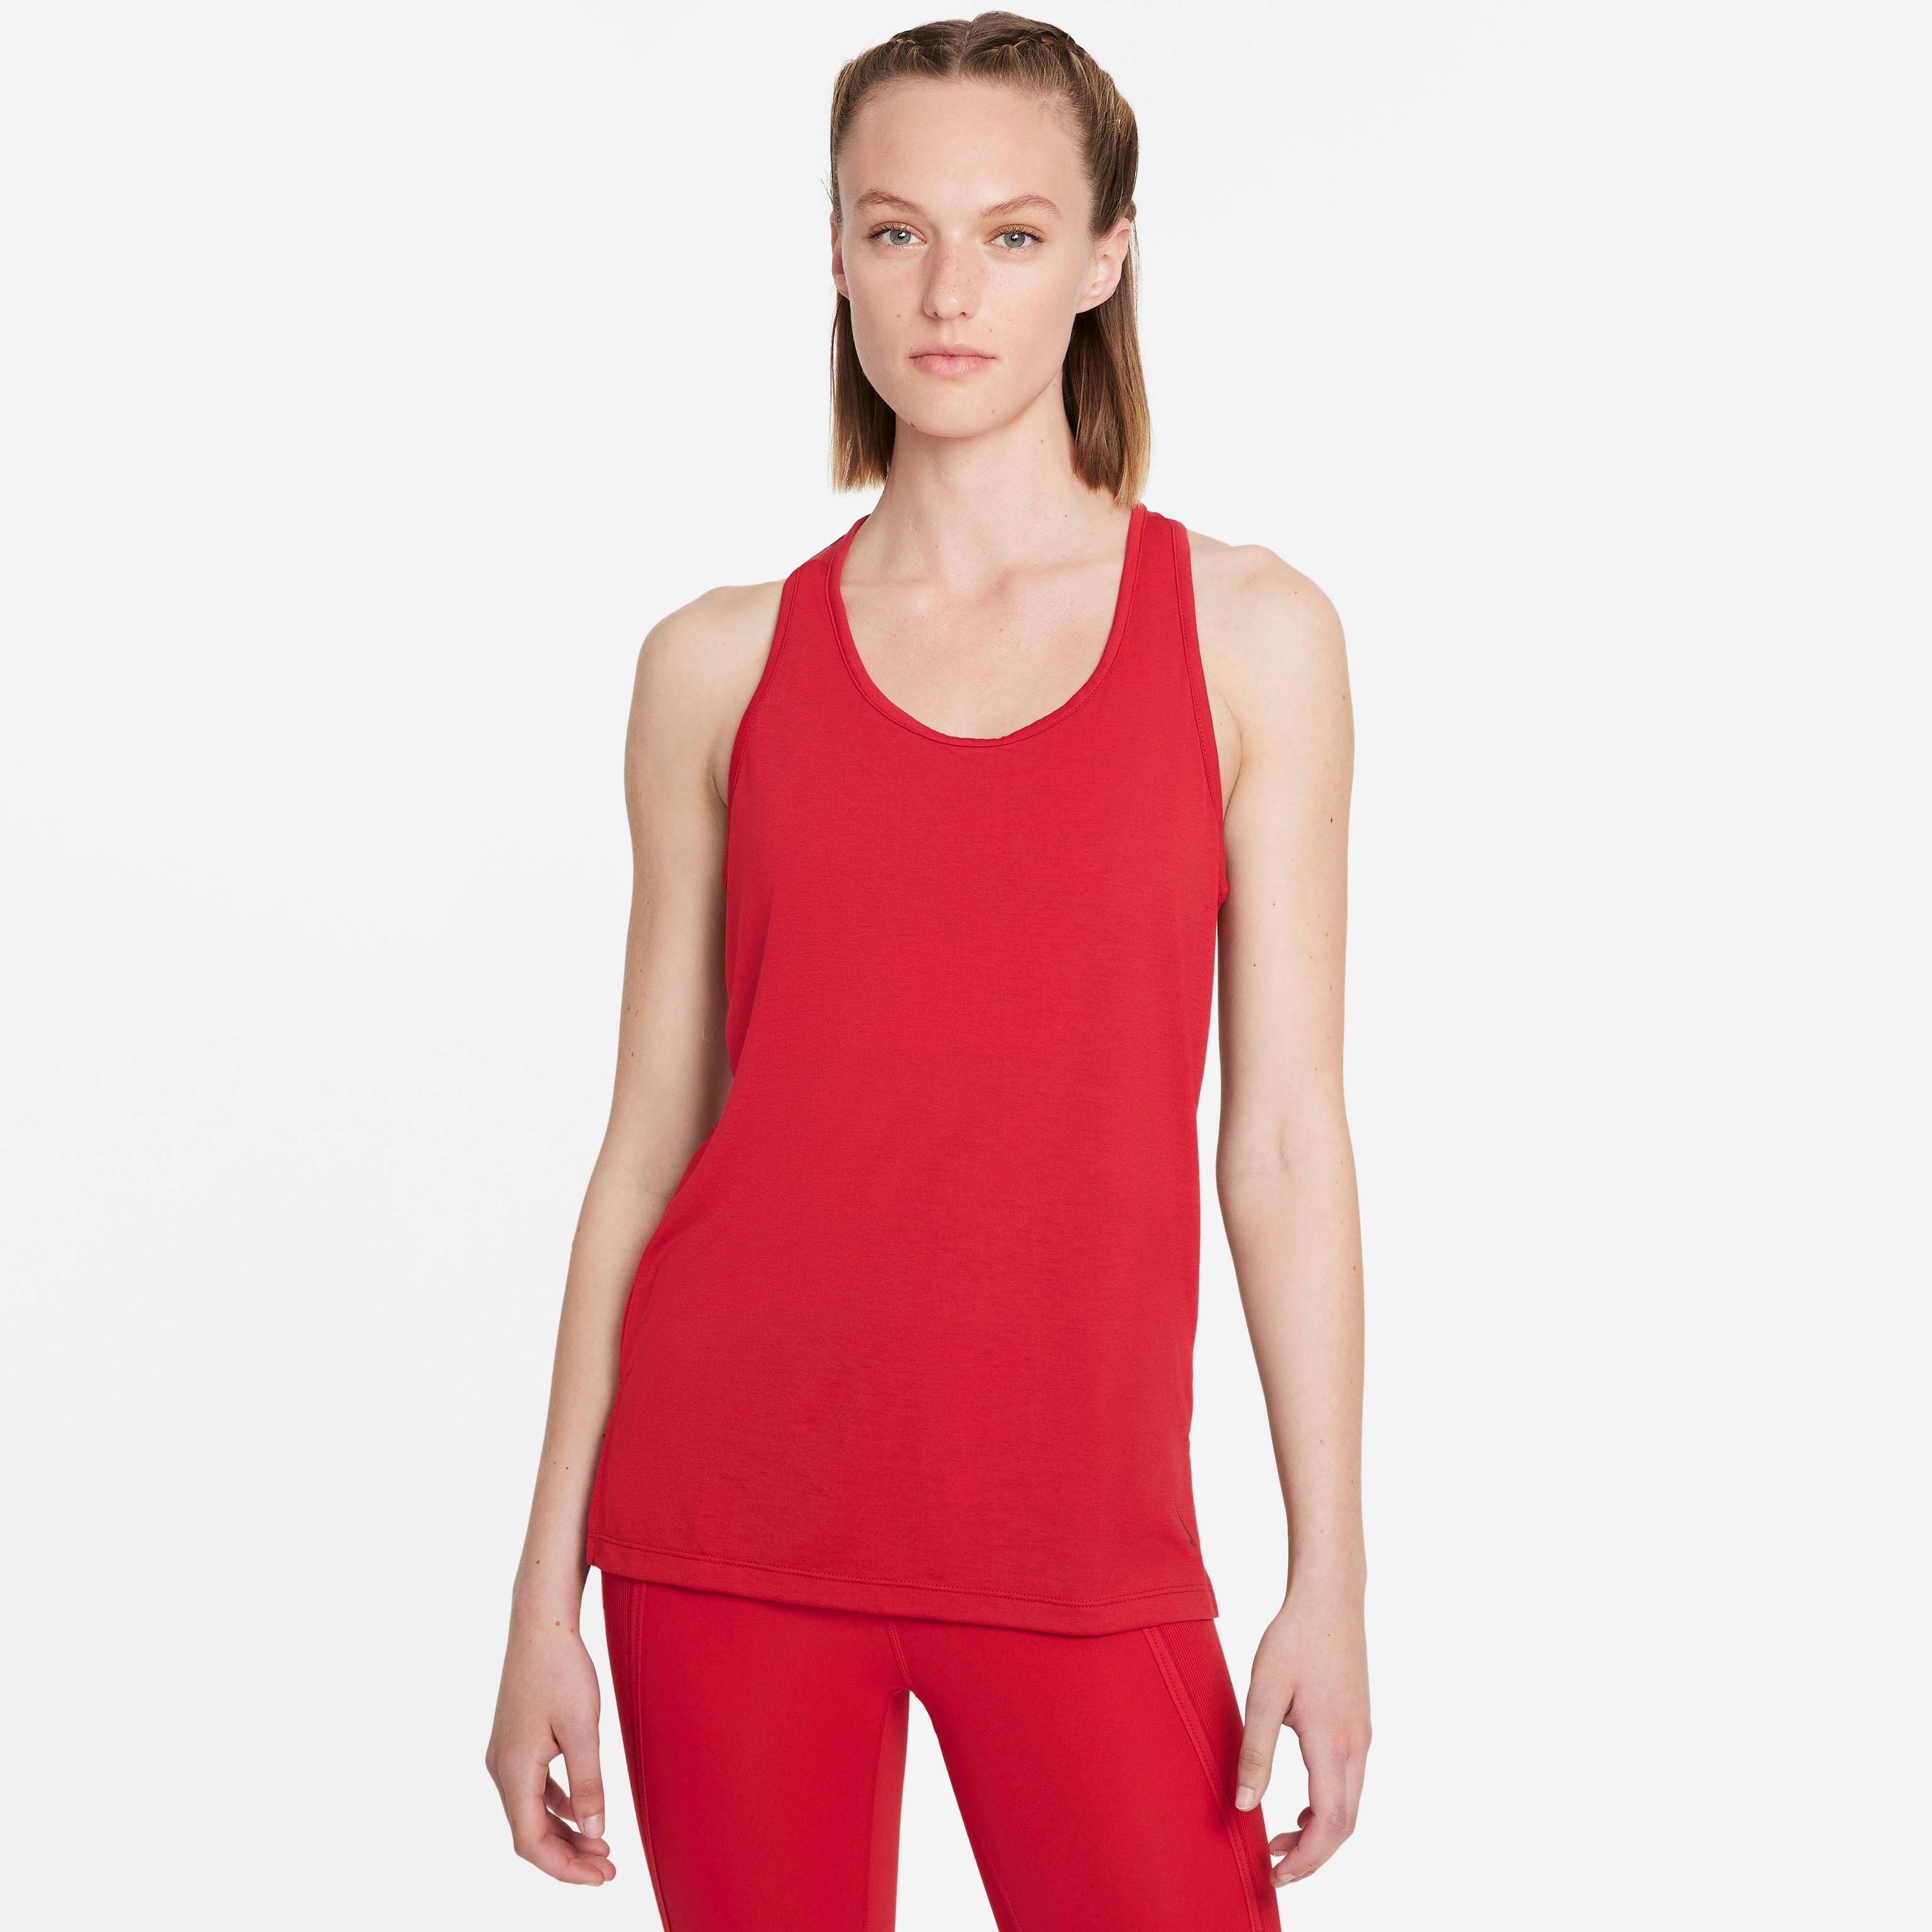 Nike Yogatop Yoga Women's Tank rot Damen Tops